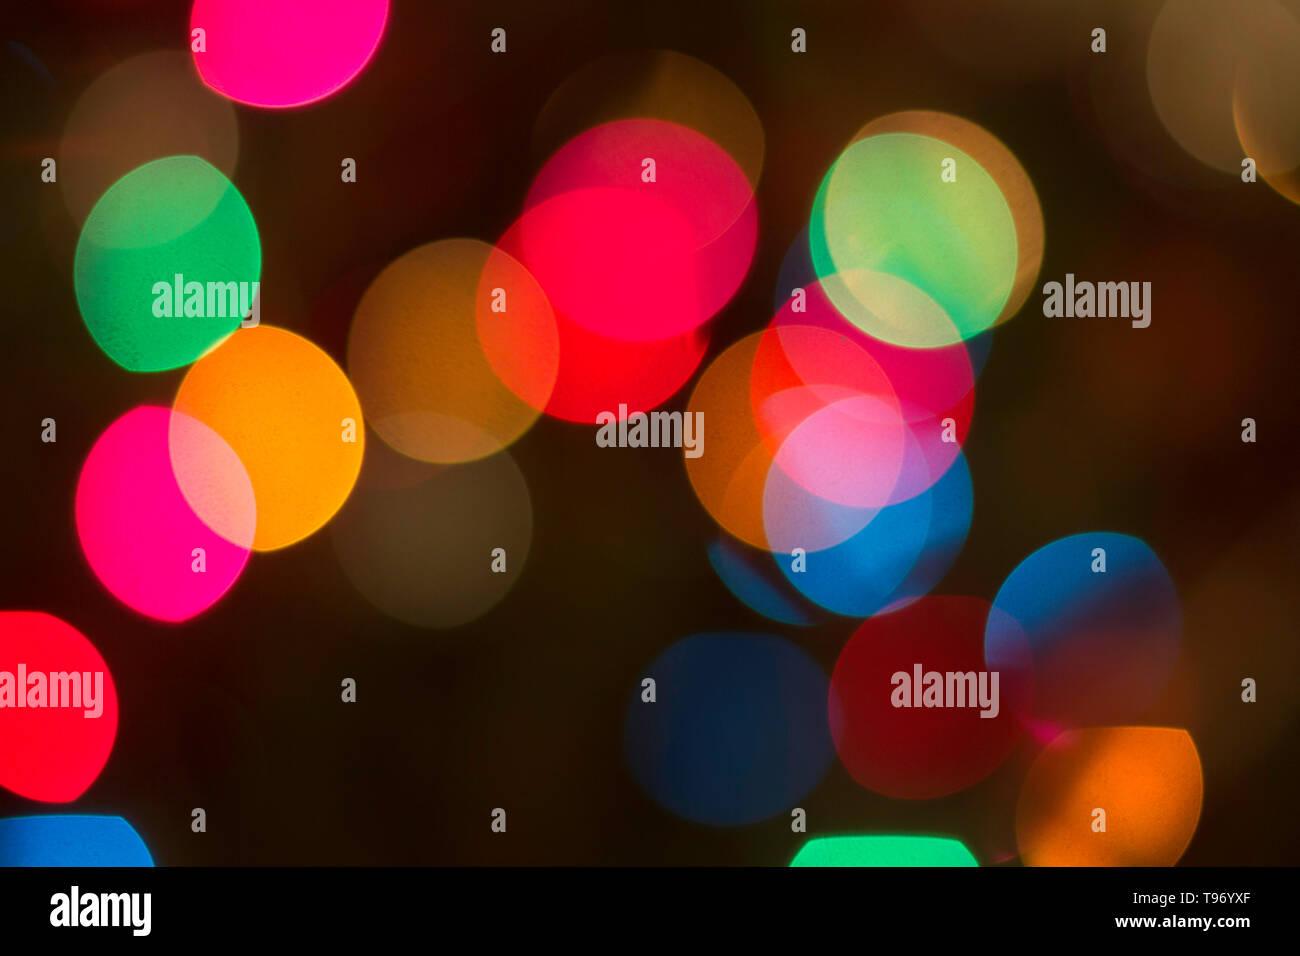 Résumé Les cercles flou Flou de couleur sur un fond noir Photo Stock